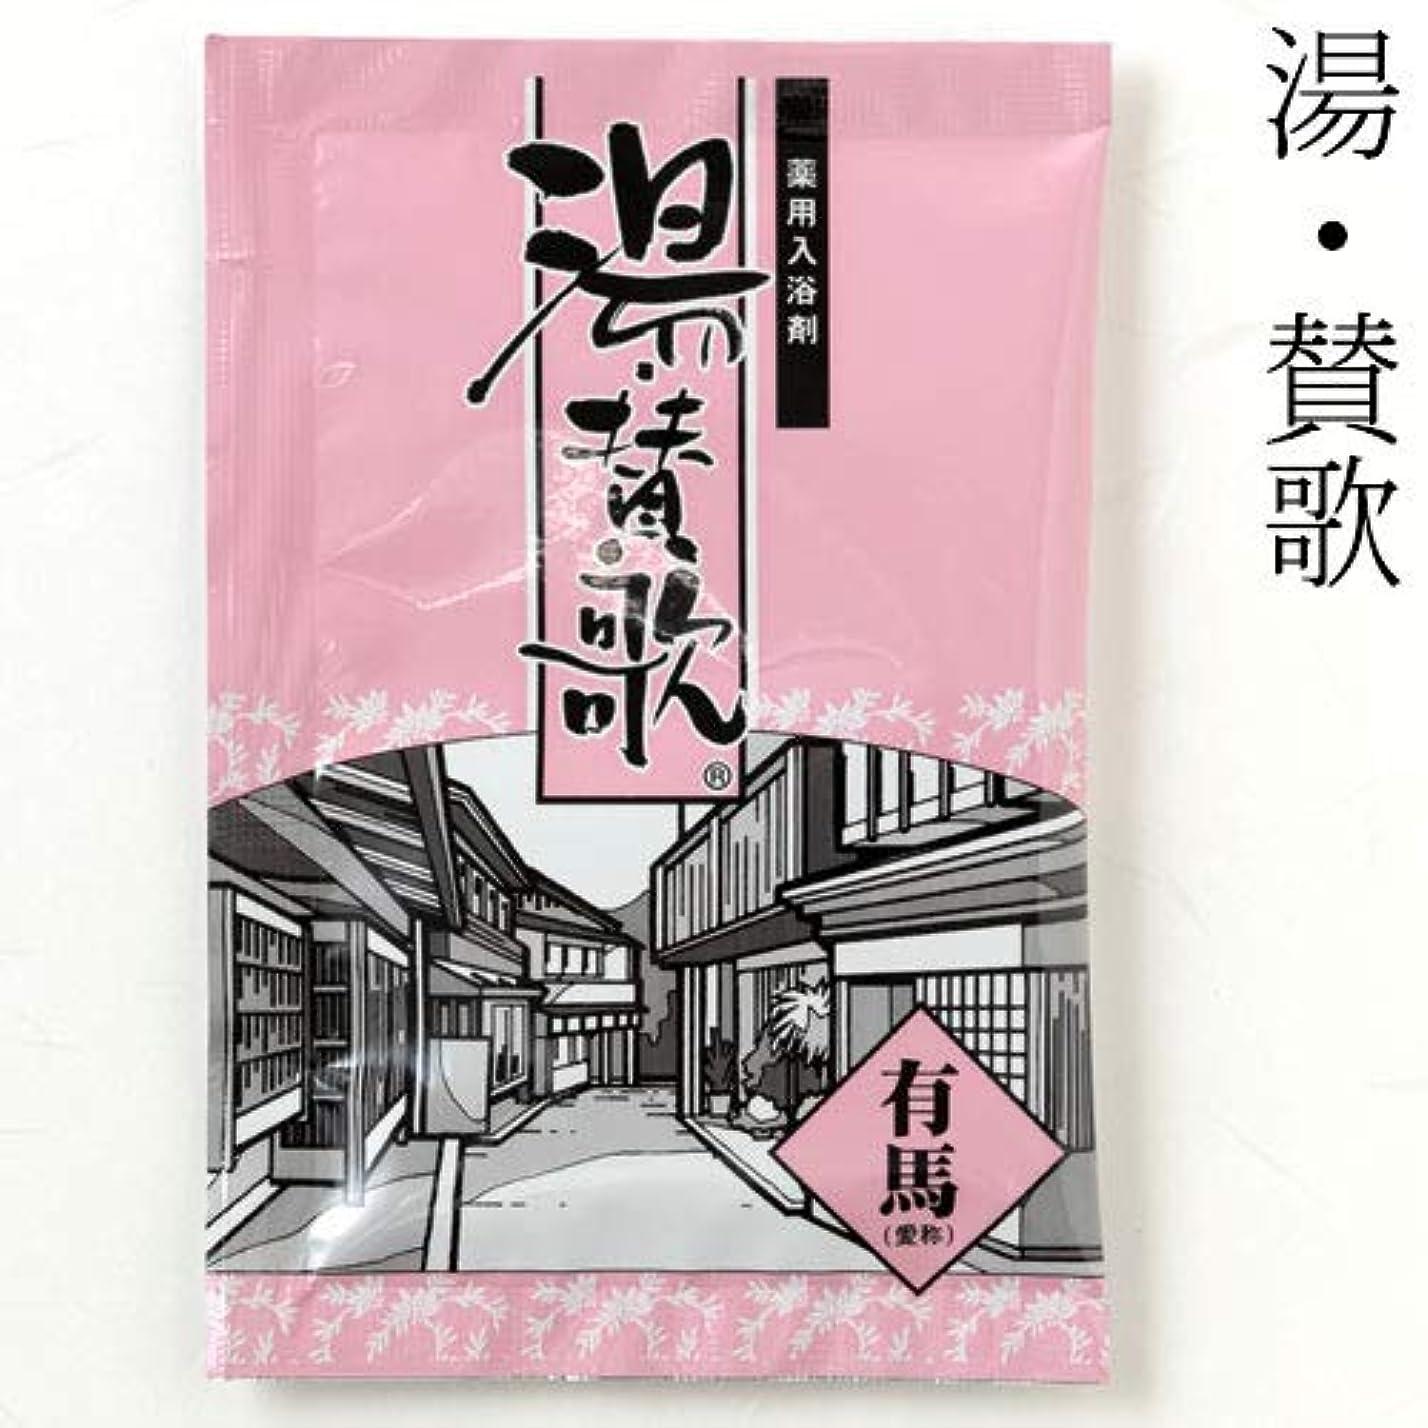 非難熱心不十分な入浴剤湯?賛歌有馬1包石川県のお風呂グッズBath additive, Ishikawa craft